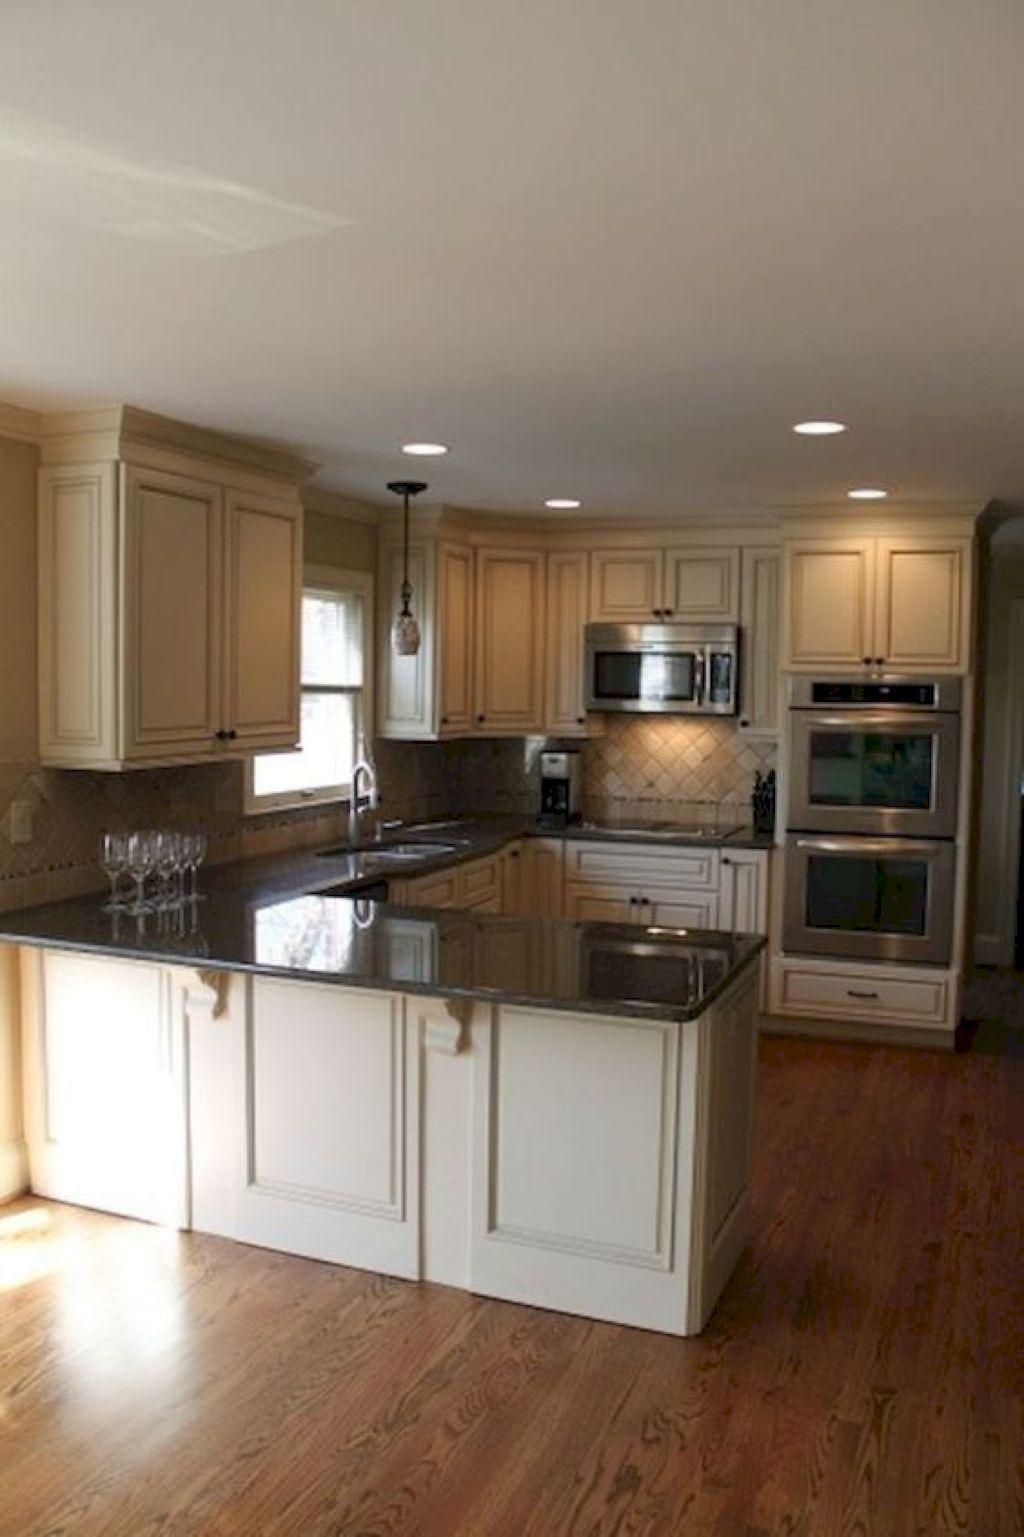 34 smart and minimalist kitchen remodel ideas cream colored kitchen cabinets cream colored on kitchen ideas minimalist id=50672